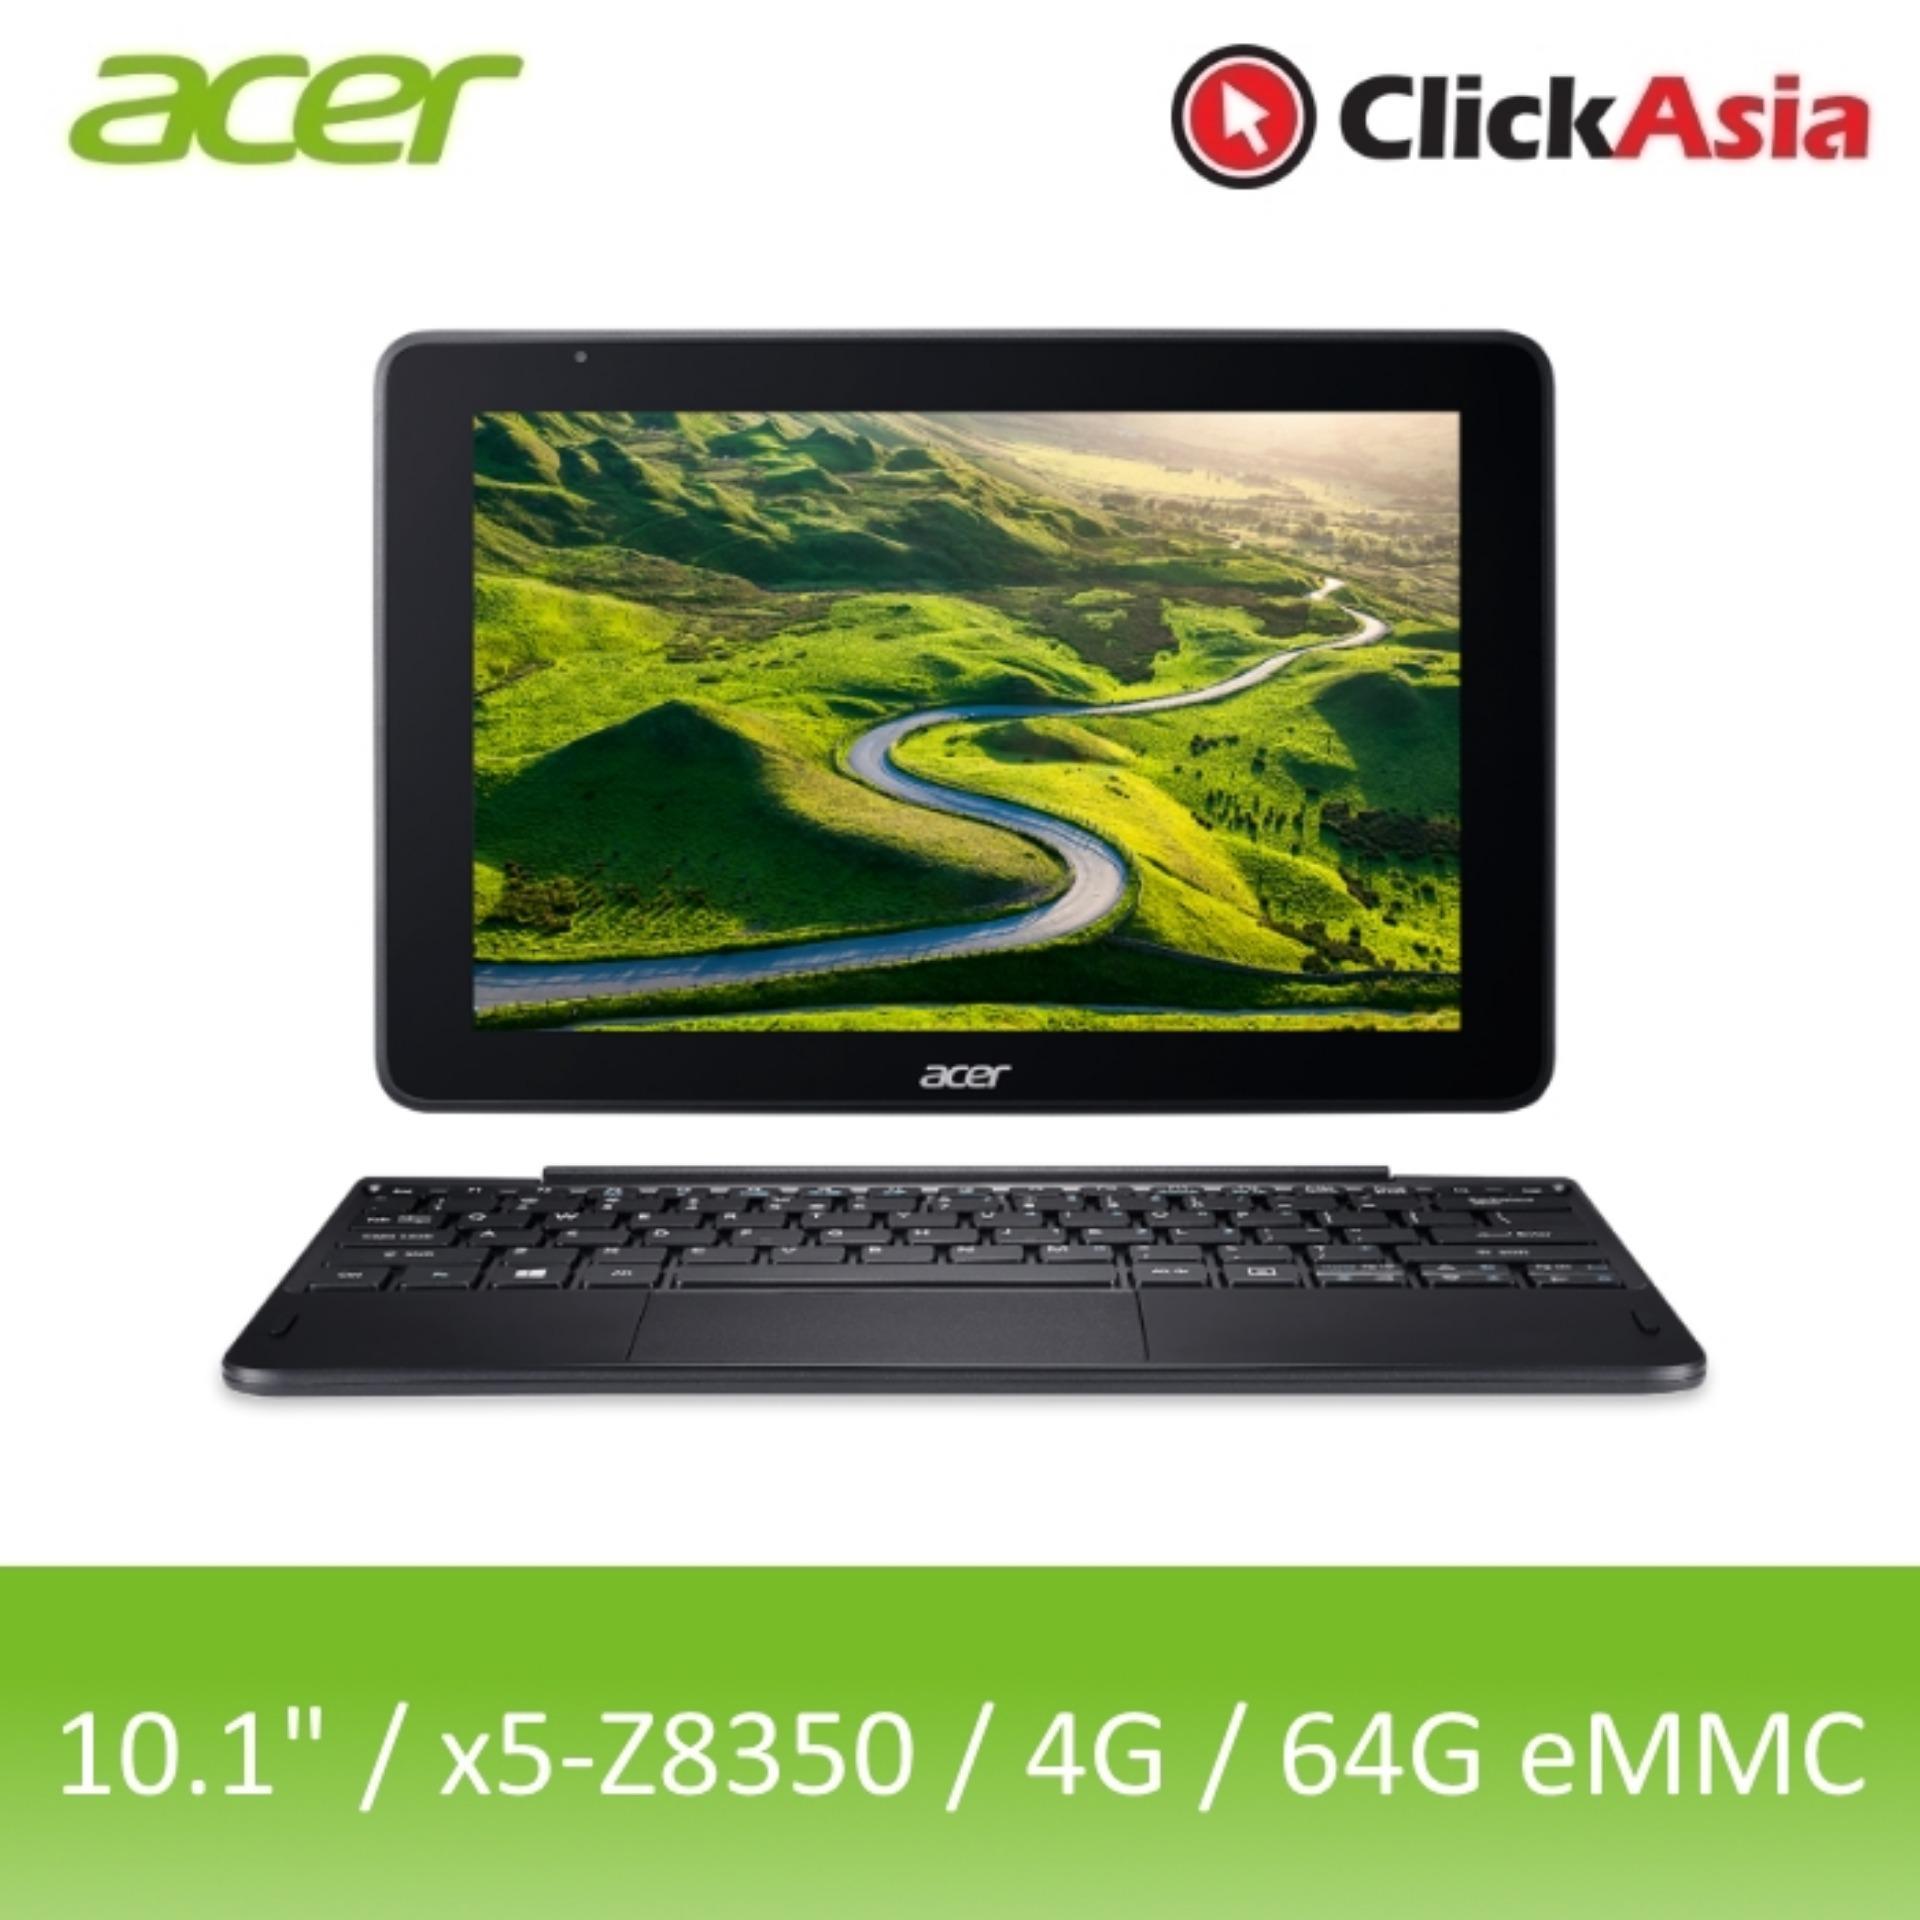 Acer One 10 (S1003-15SL) – 10.1″ TouchScreen/Atom x5-Z8350/4GB RAM/64GB eMMC/W10 (Black)